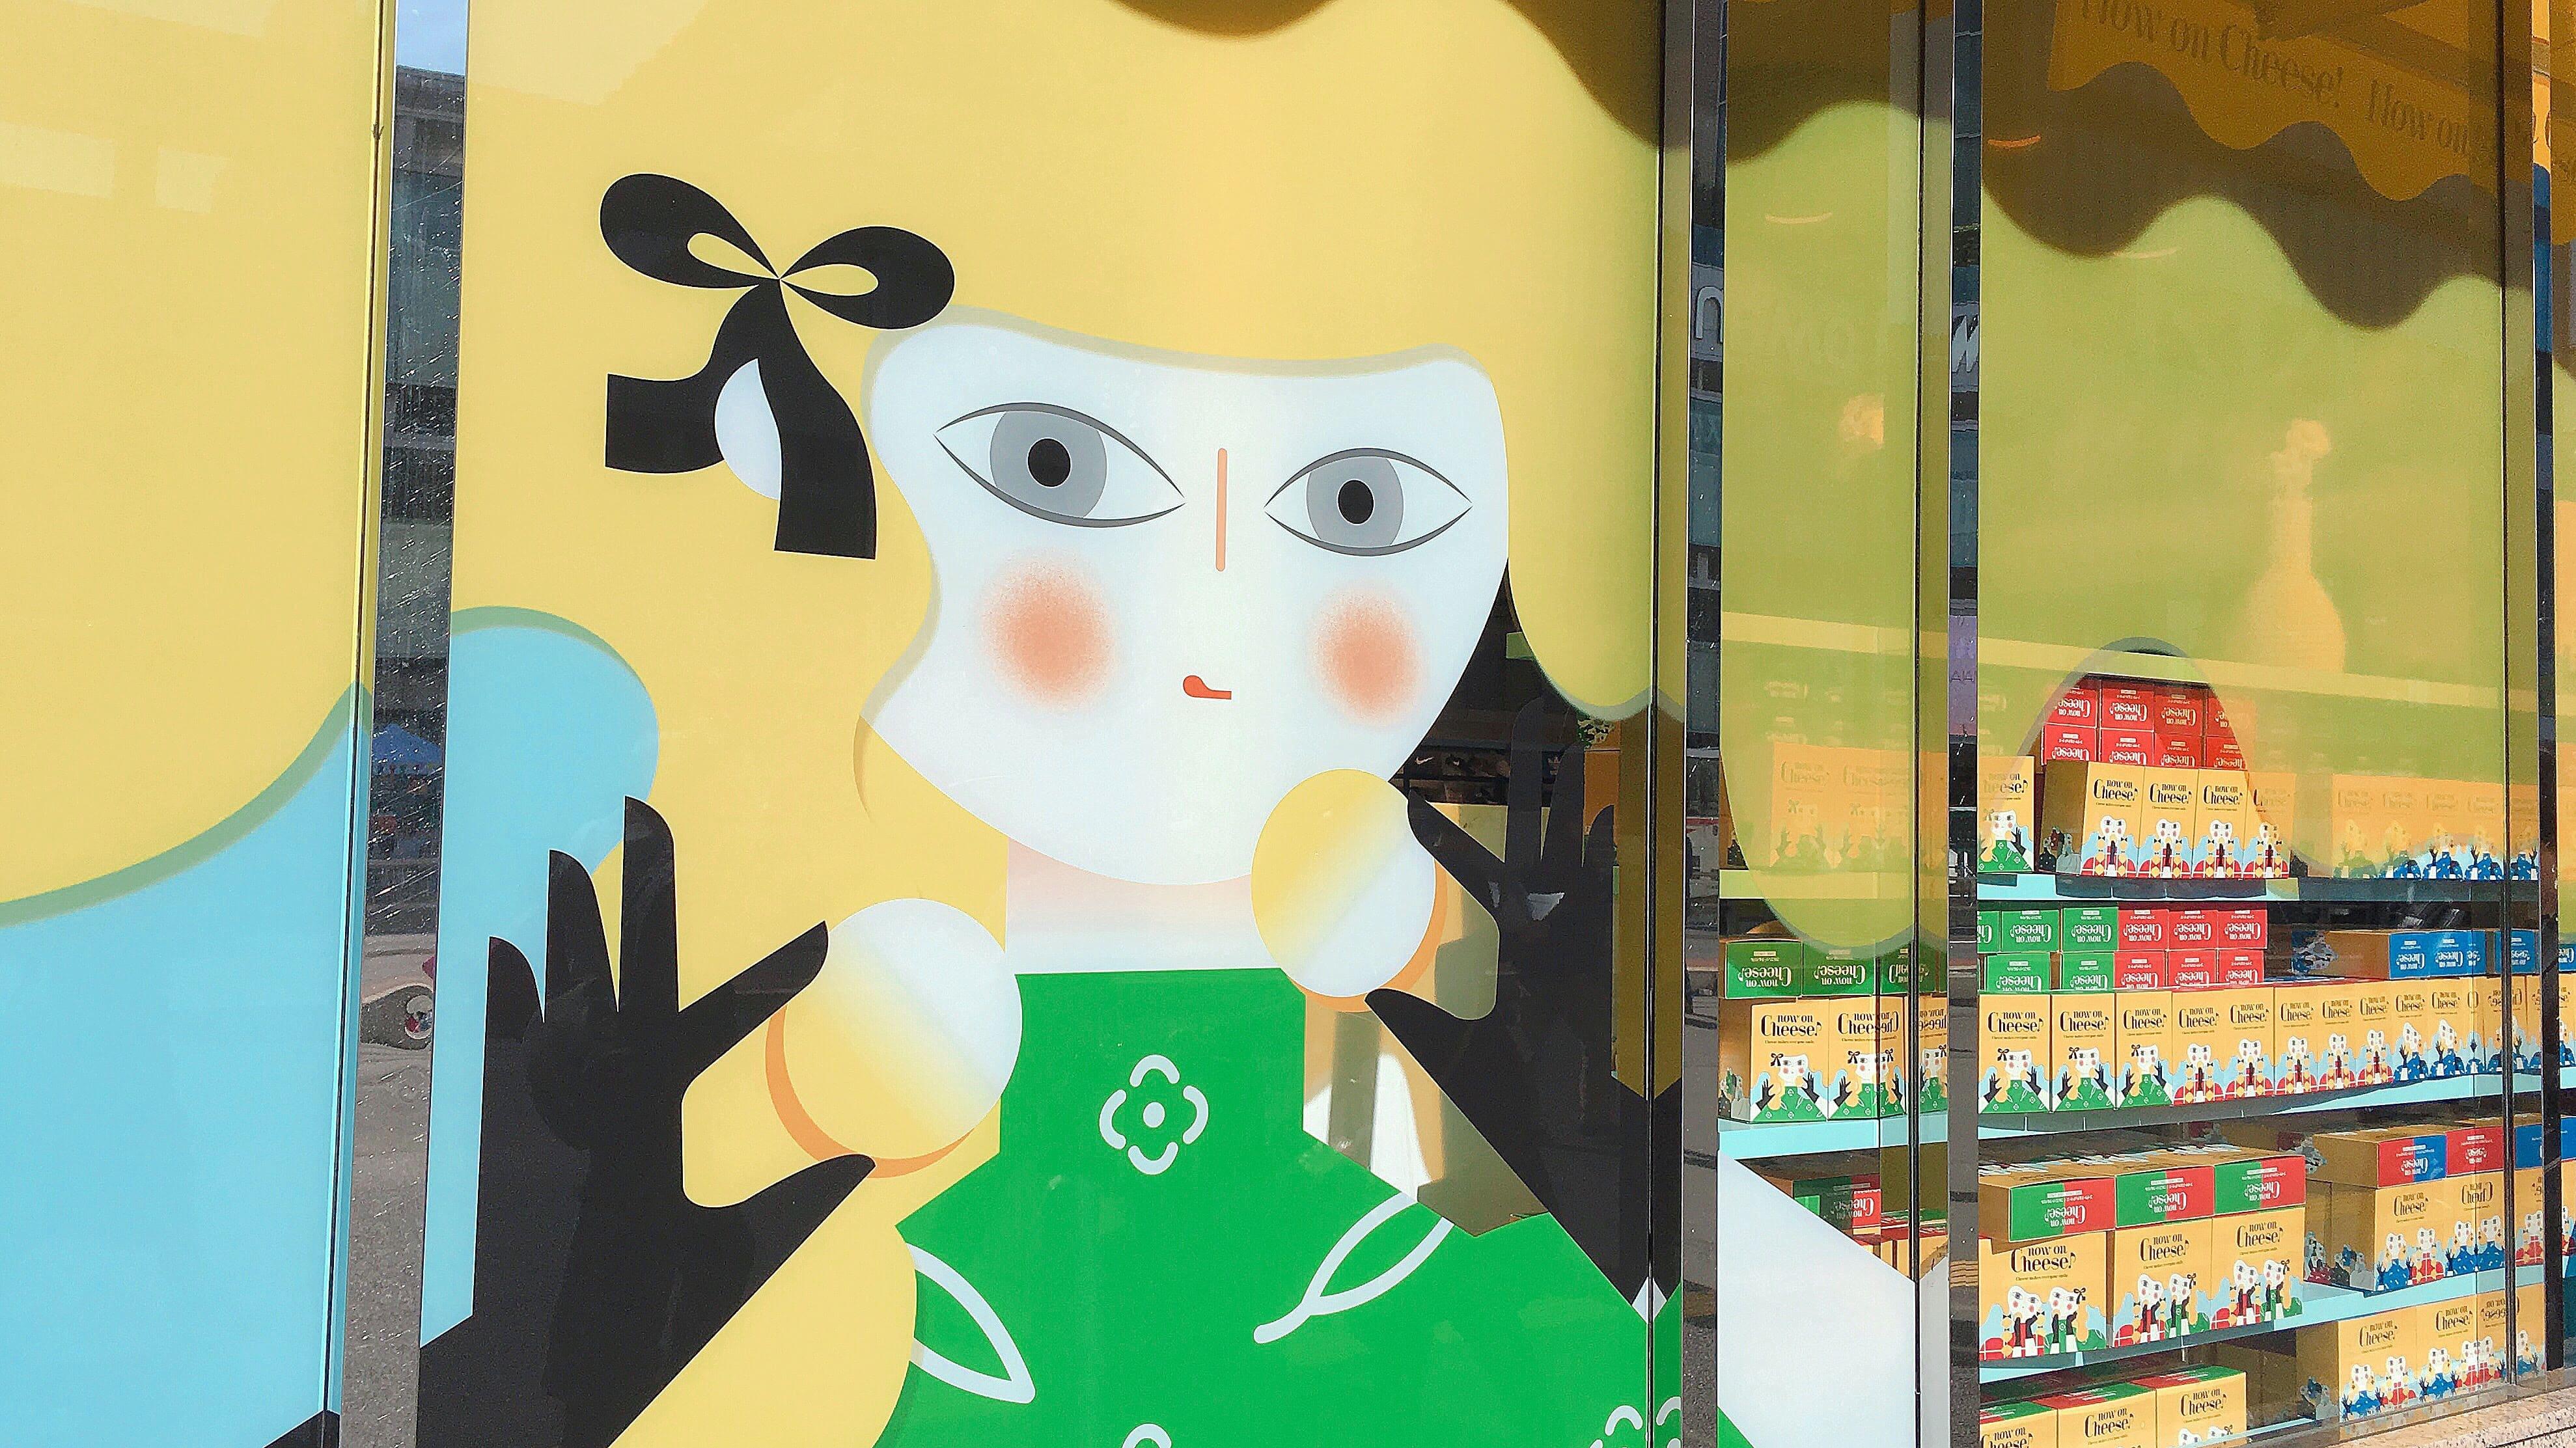 ルミネ新宿のチーズスイーツ専門店ナウオンチーズの外観